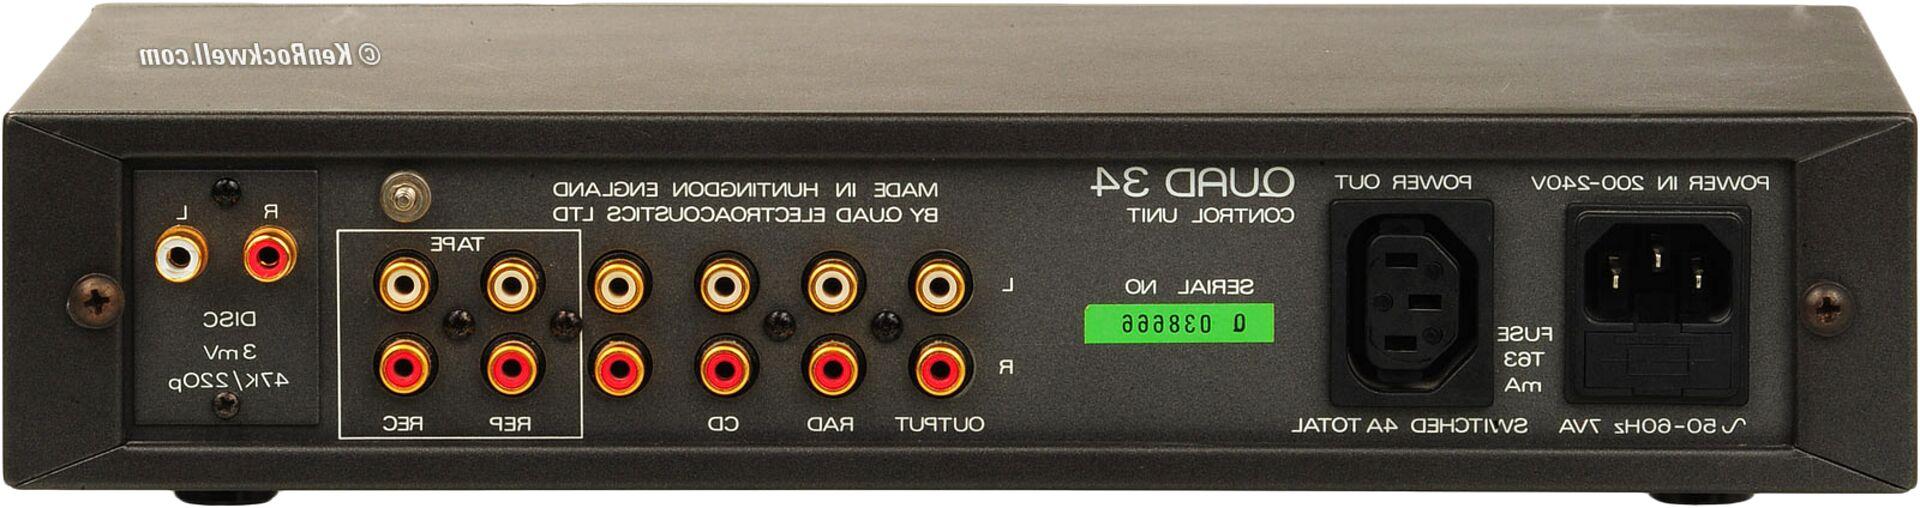 quad 34 amplifier for sale